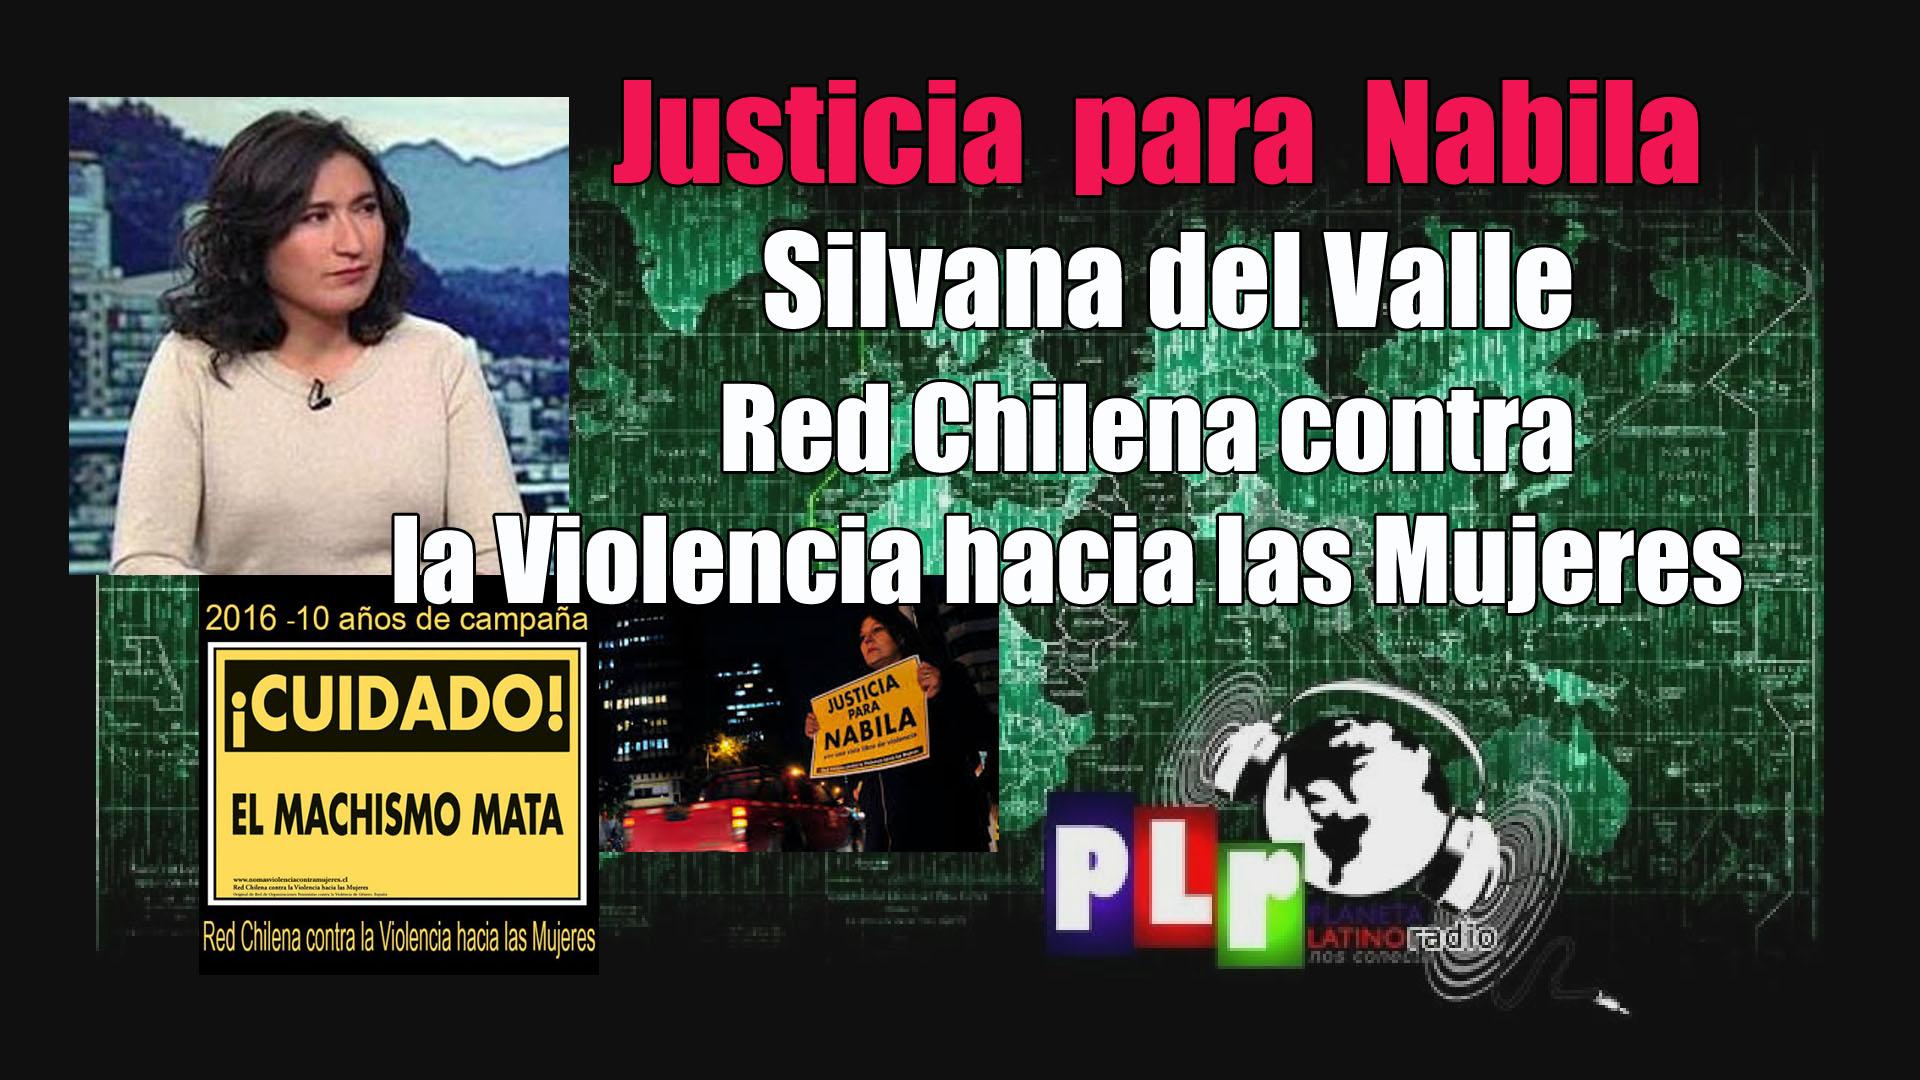 Nabila, el caso que conmociona Chile. El juicio en tribunales y en los medios de comunicación